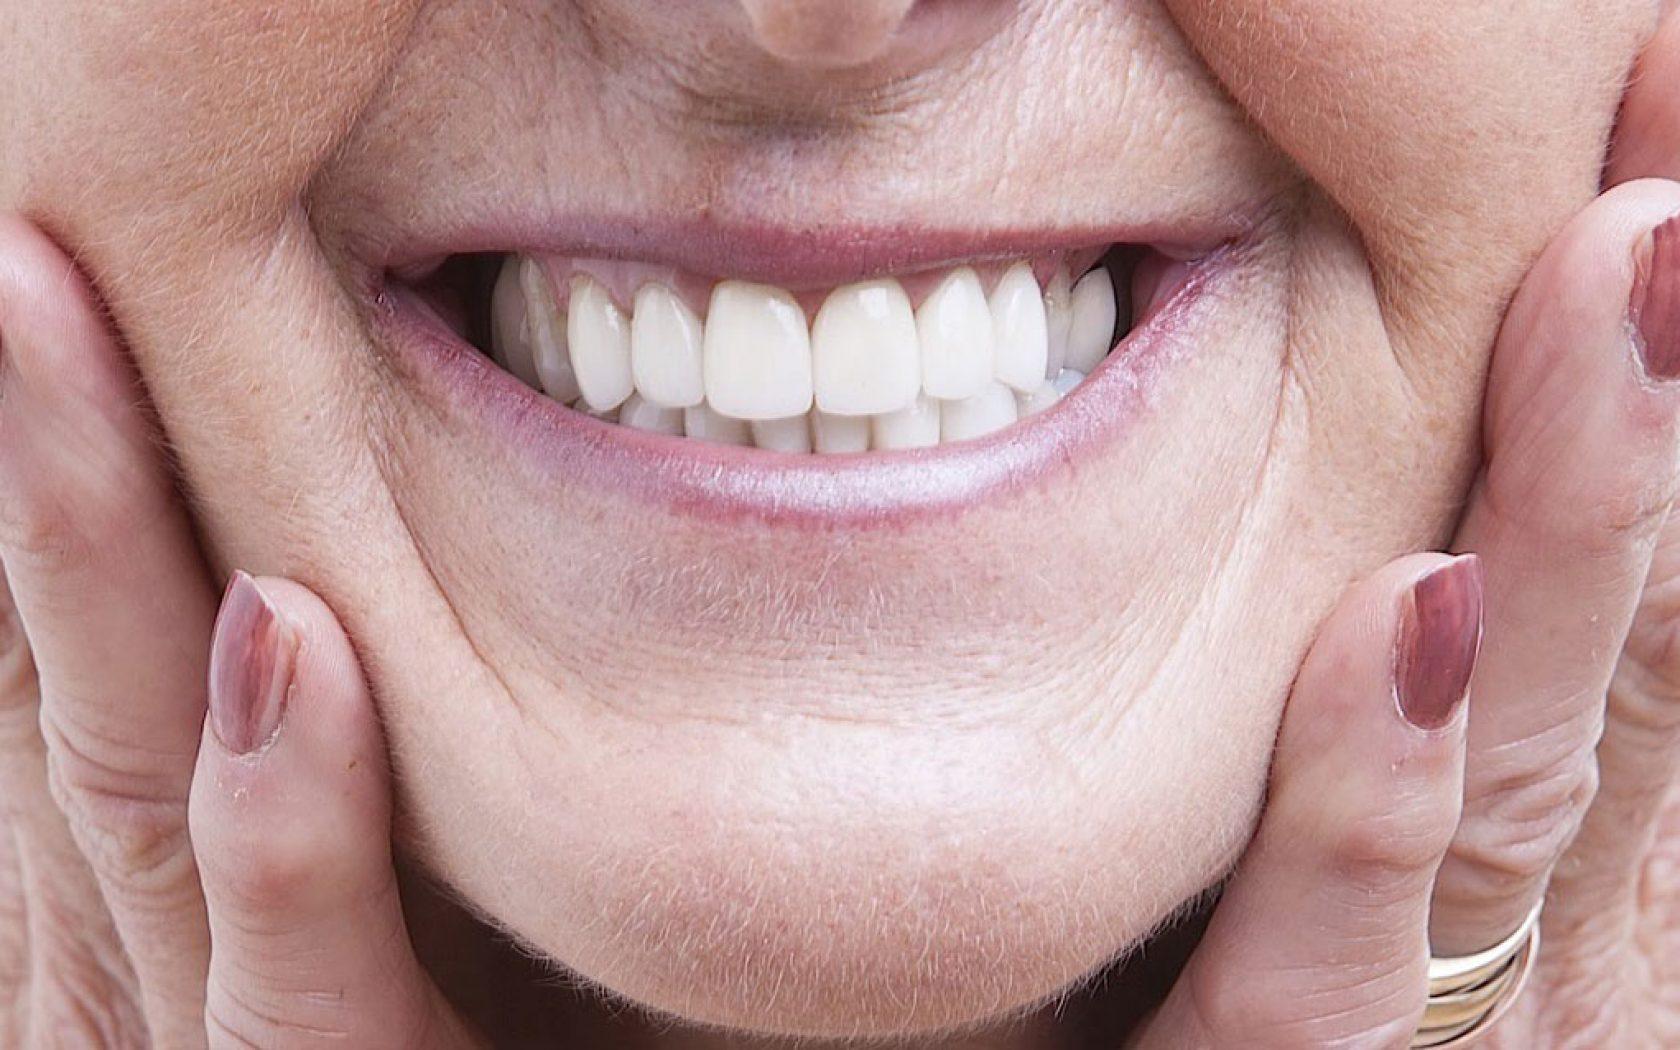 Σας λείπουν δόντια; Τί πρέπει να γνωρίζετε για την αποκατάστασή τους